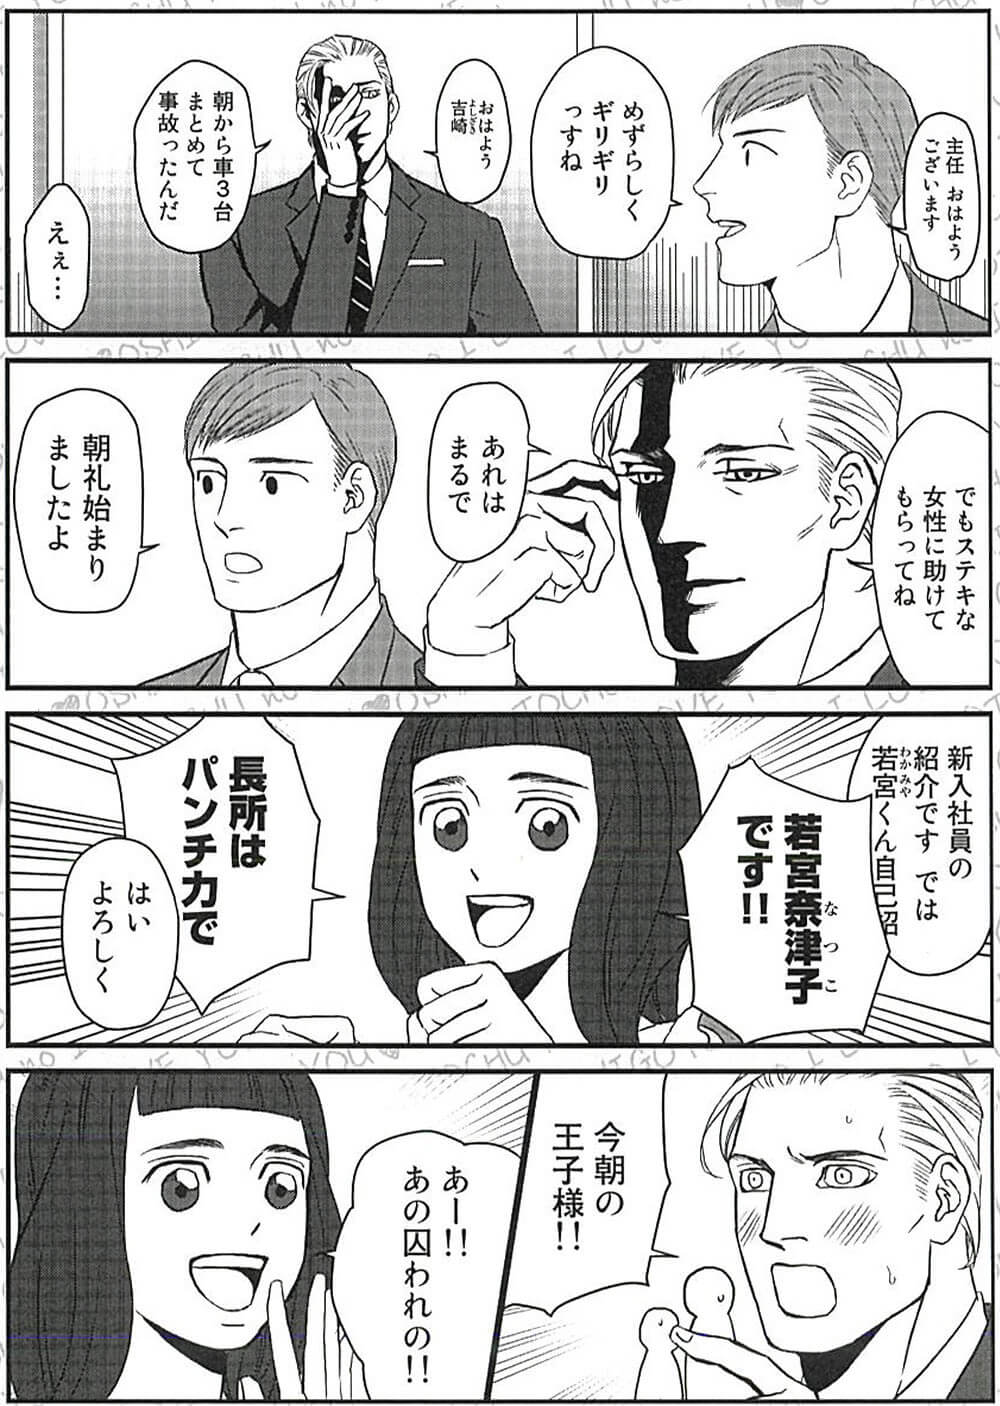 上司が新入社員に恋する漫画1-3